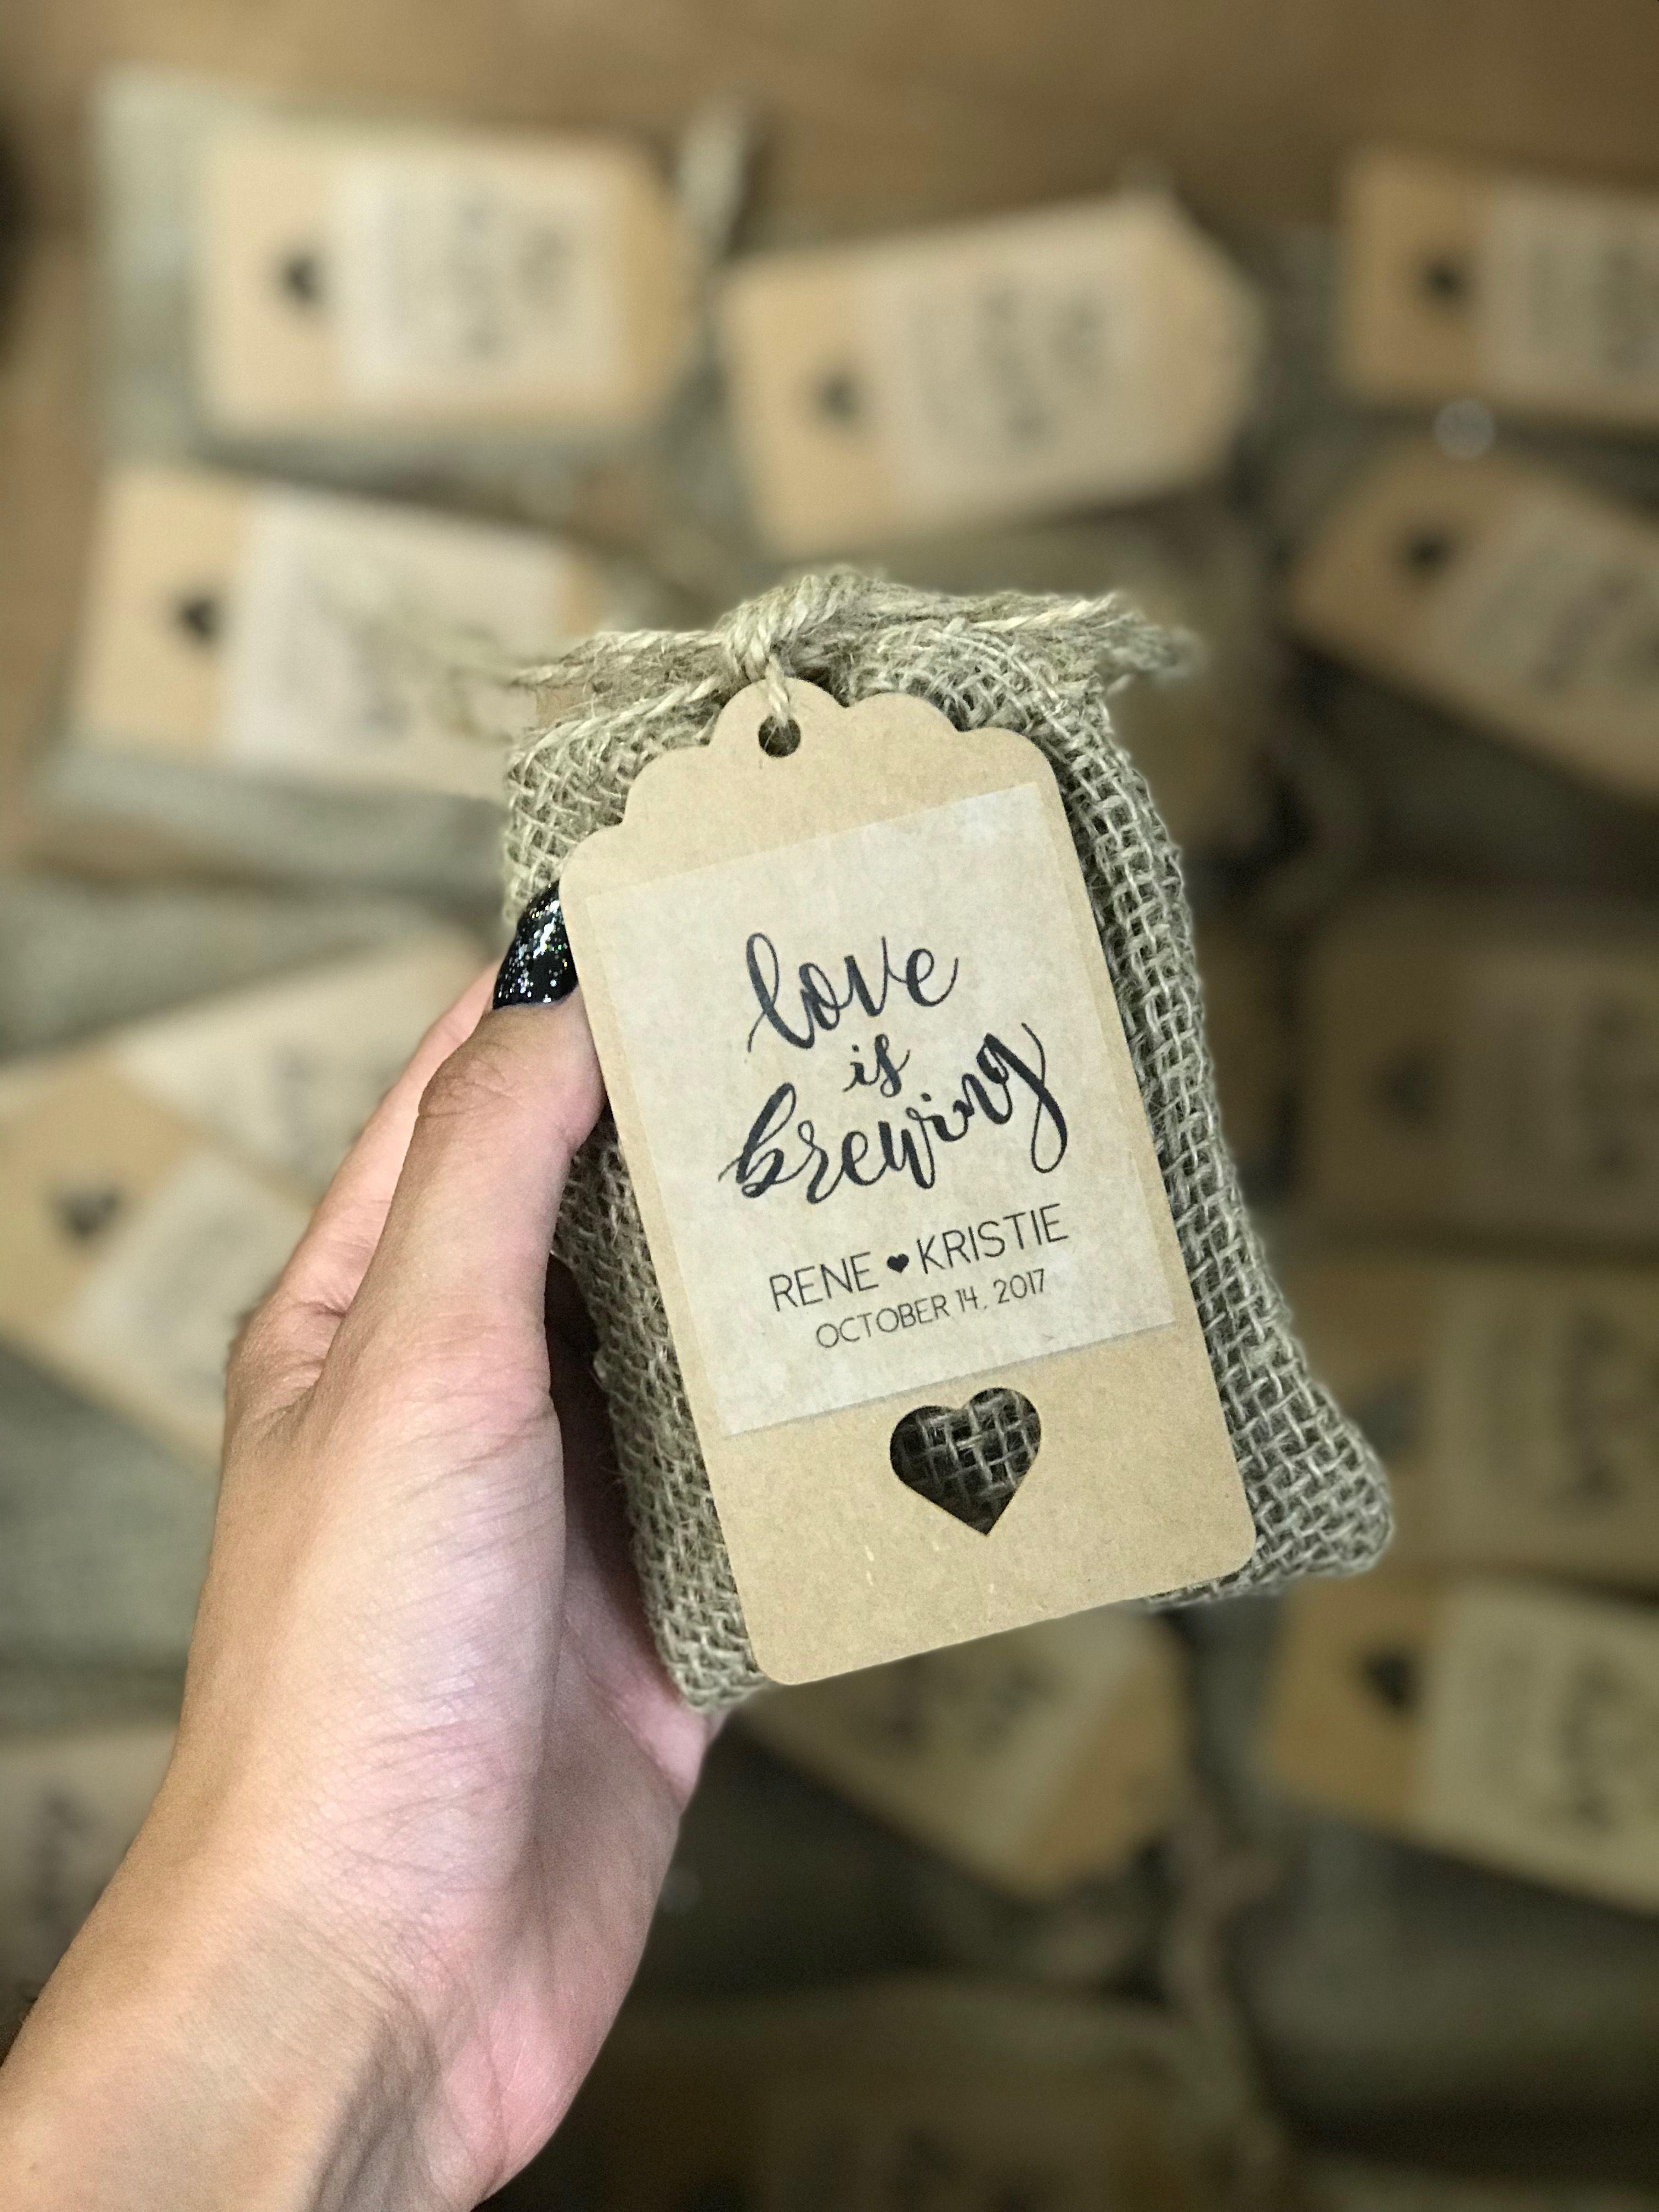 Chocolate covered espresso beans as a wedding favor!